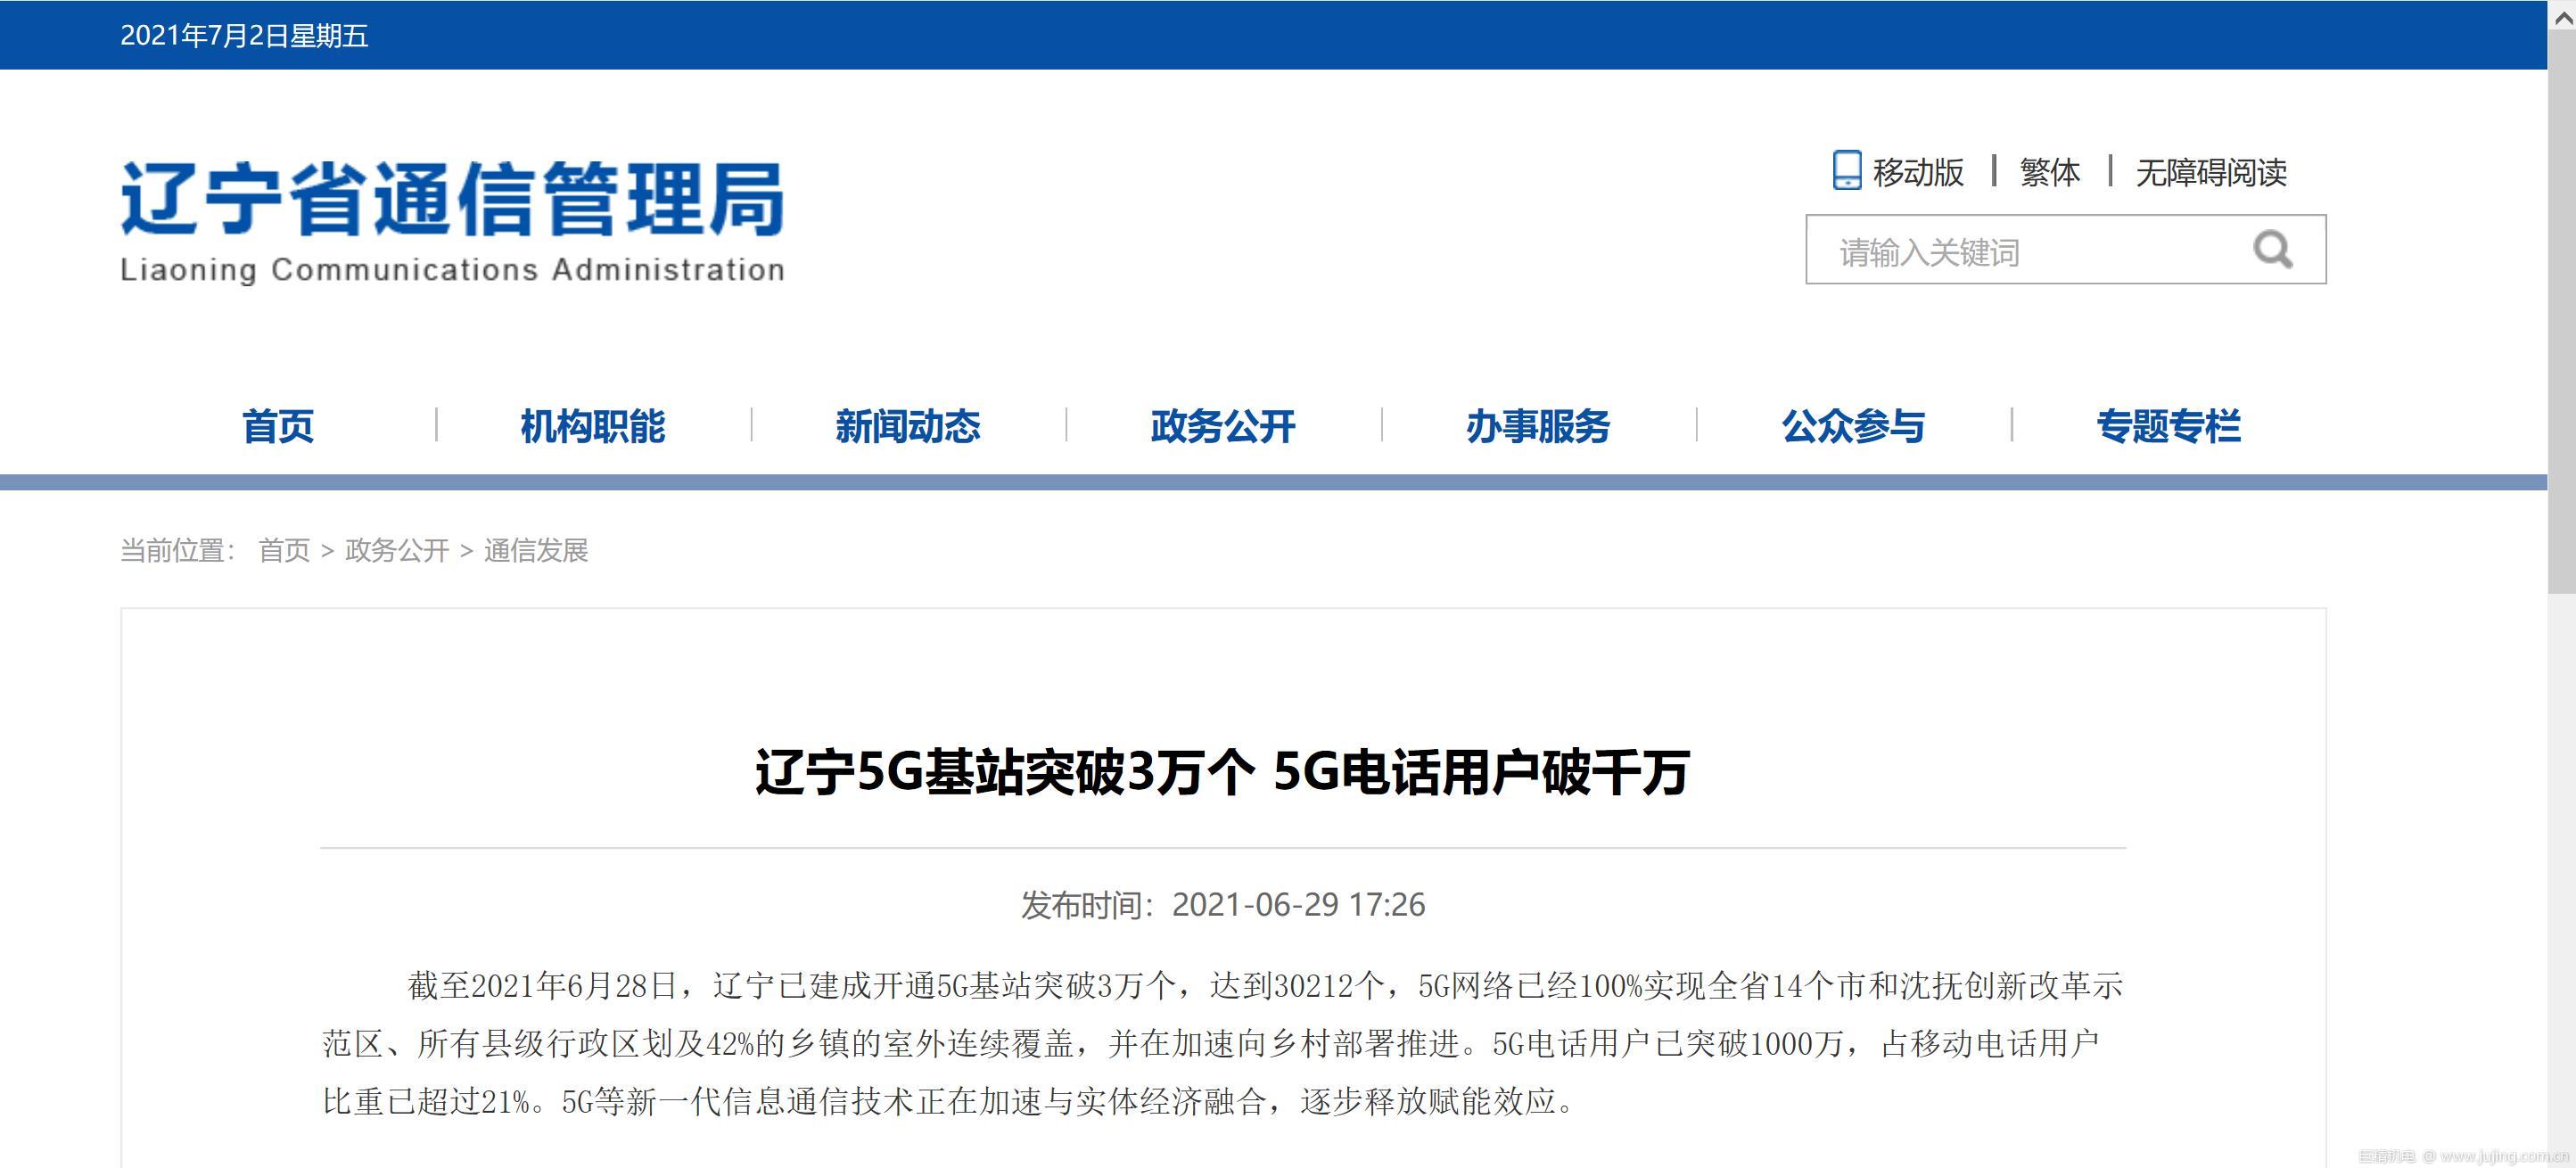 辽宁省通信管理局:辽宁5G基站突破3万个 5G电话用户破千万